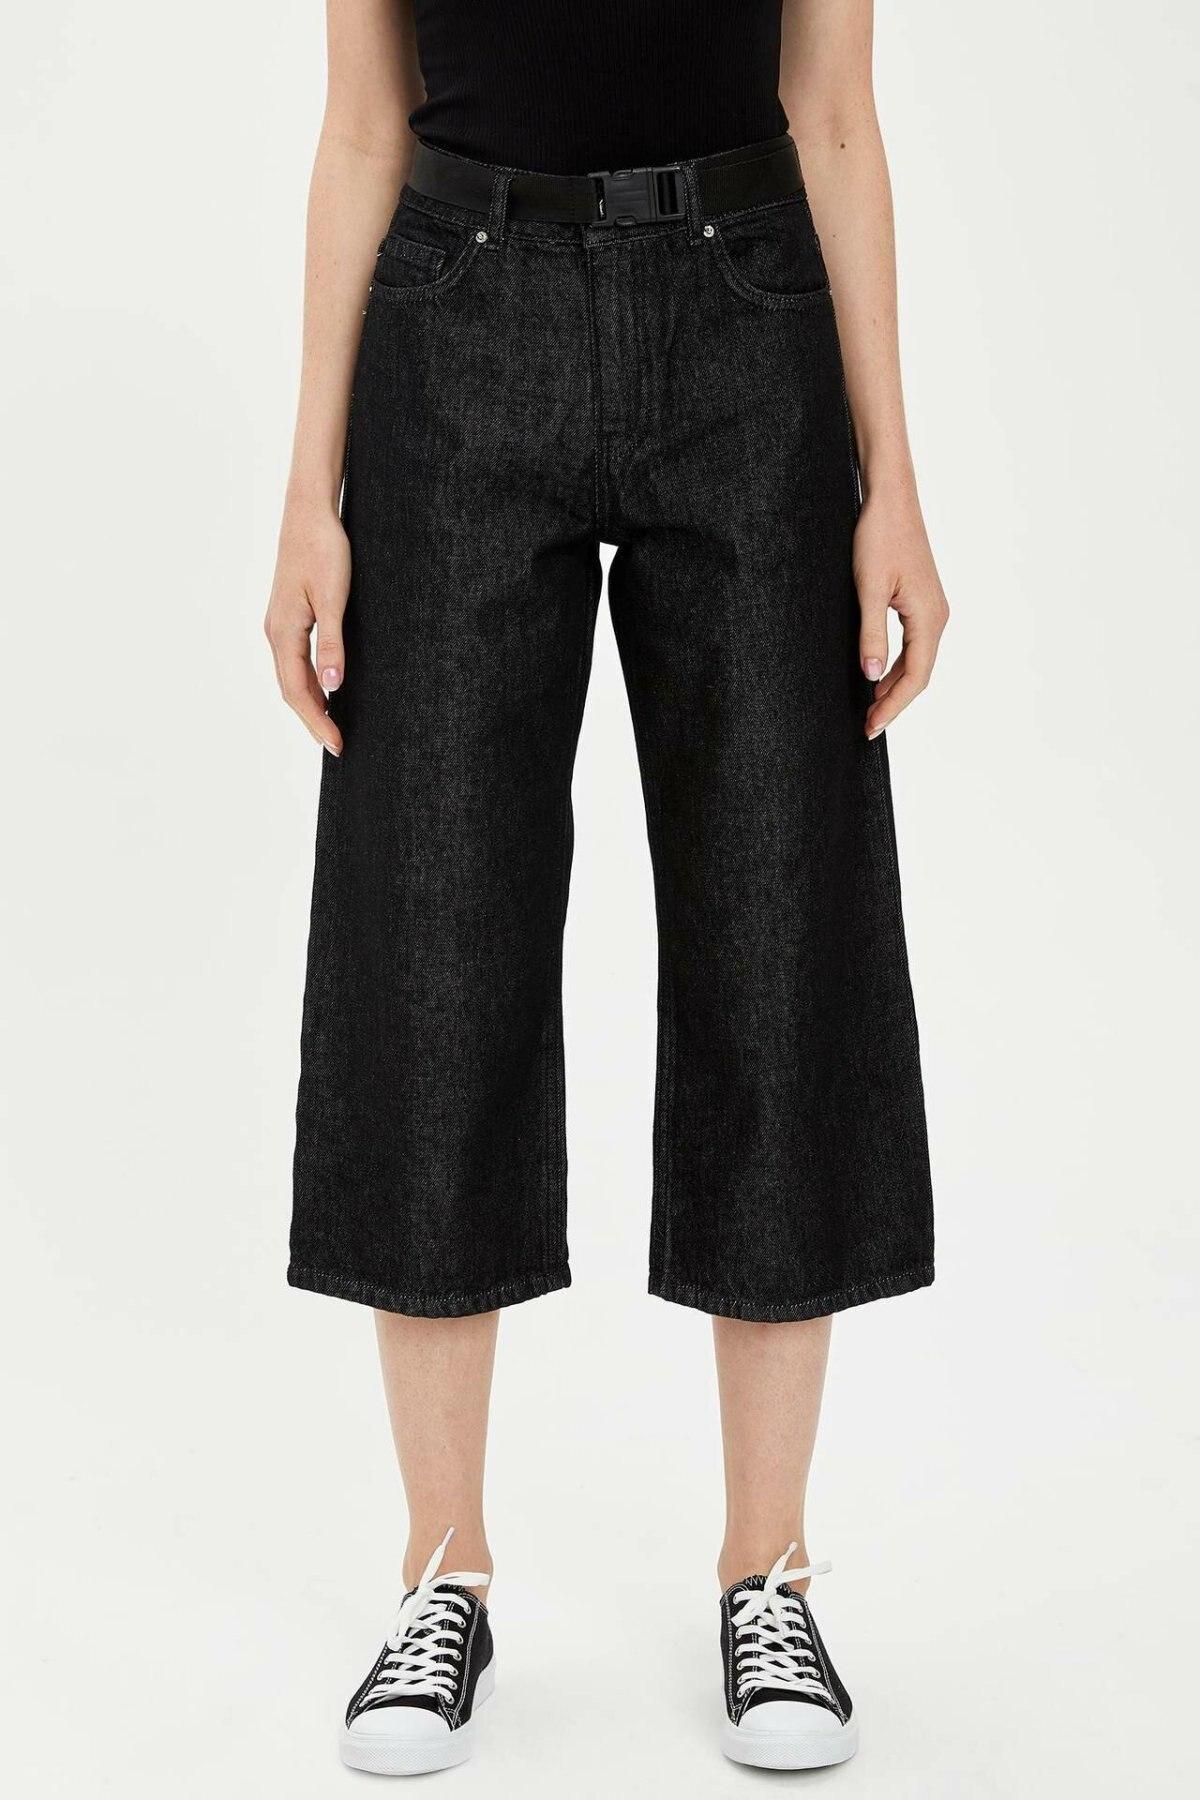 DeFacto Woman Wide-leg Black Denim Jeans Women Black Ninth Pants Female Loose Casual Black Denim Bottoms Trousers-L5024AZ19HS